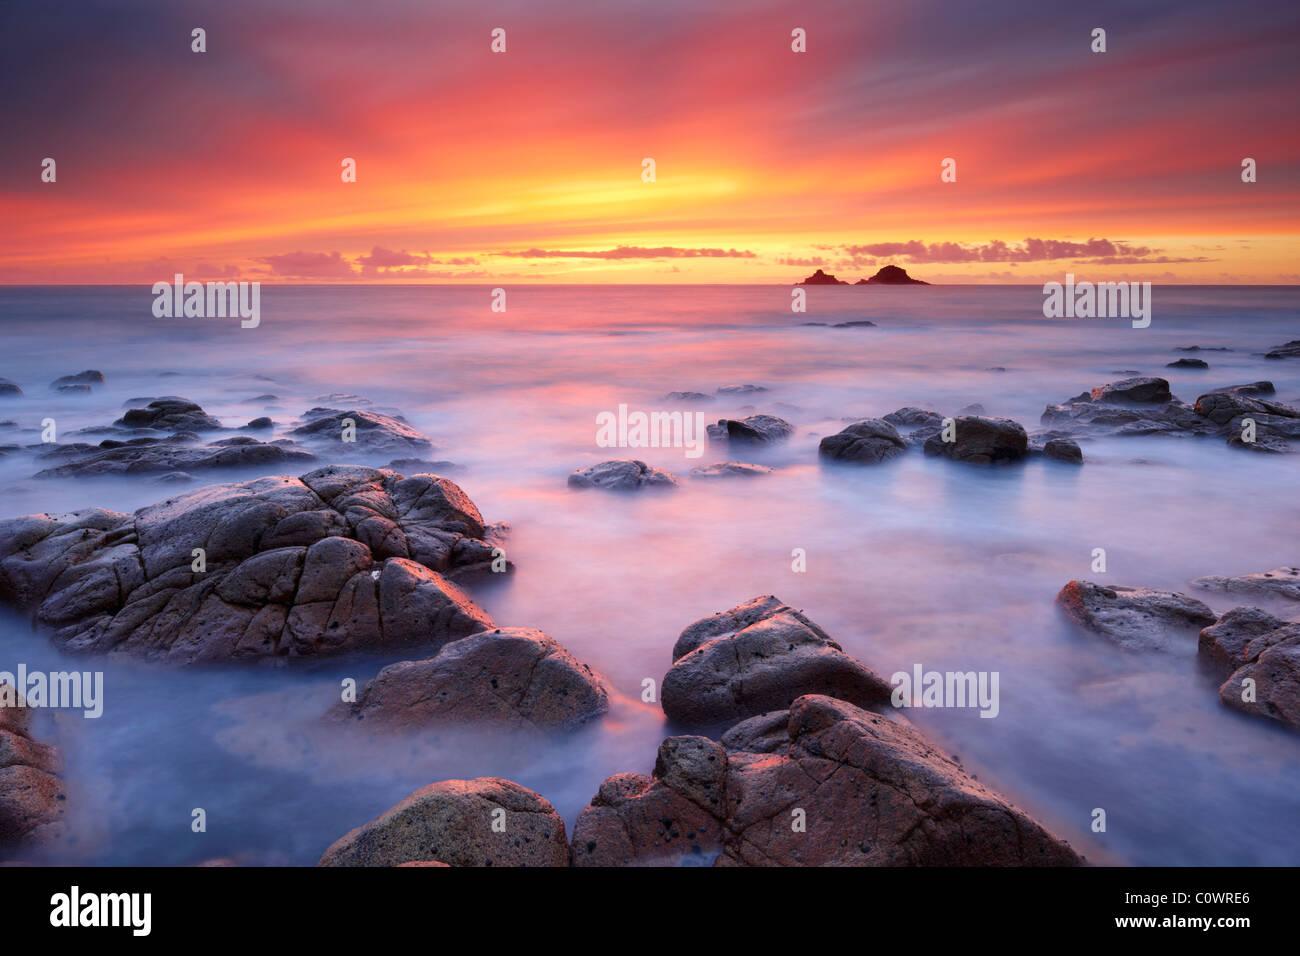 Un incroyable coucher de soleil peint le ciel avec des couleurs magnifiques comme la mer soyeux tours autour des Photo Stock